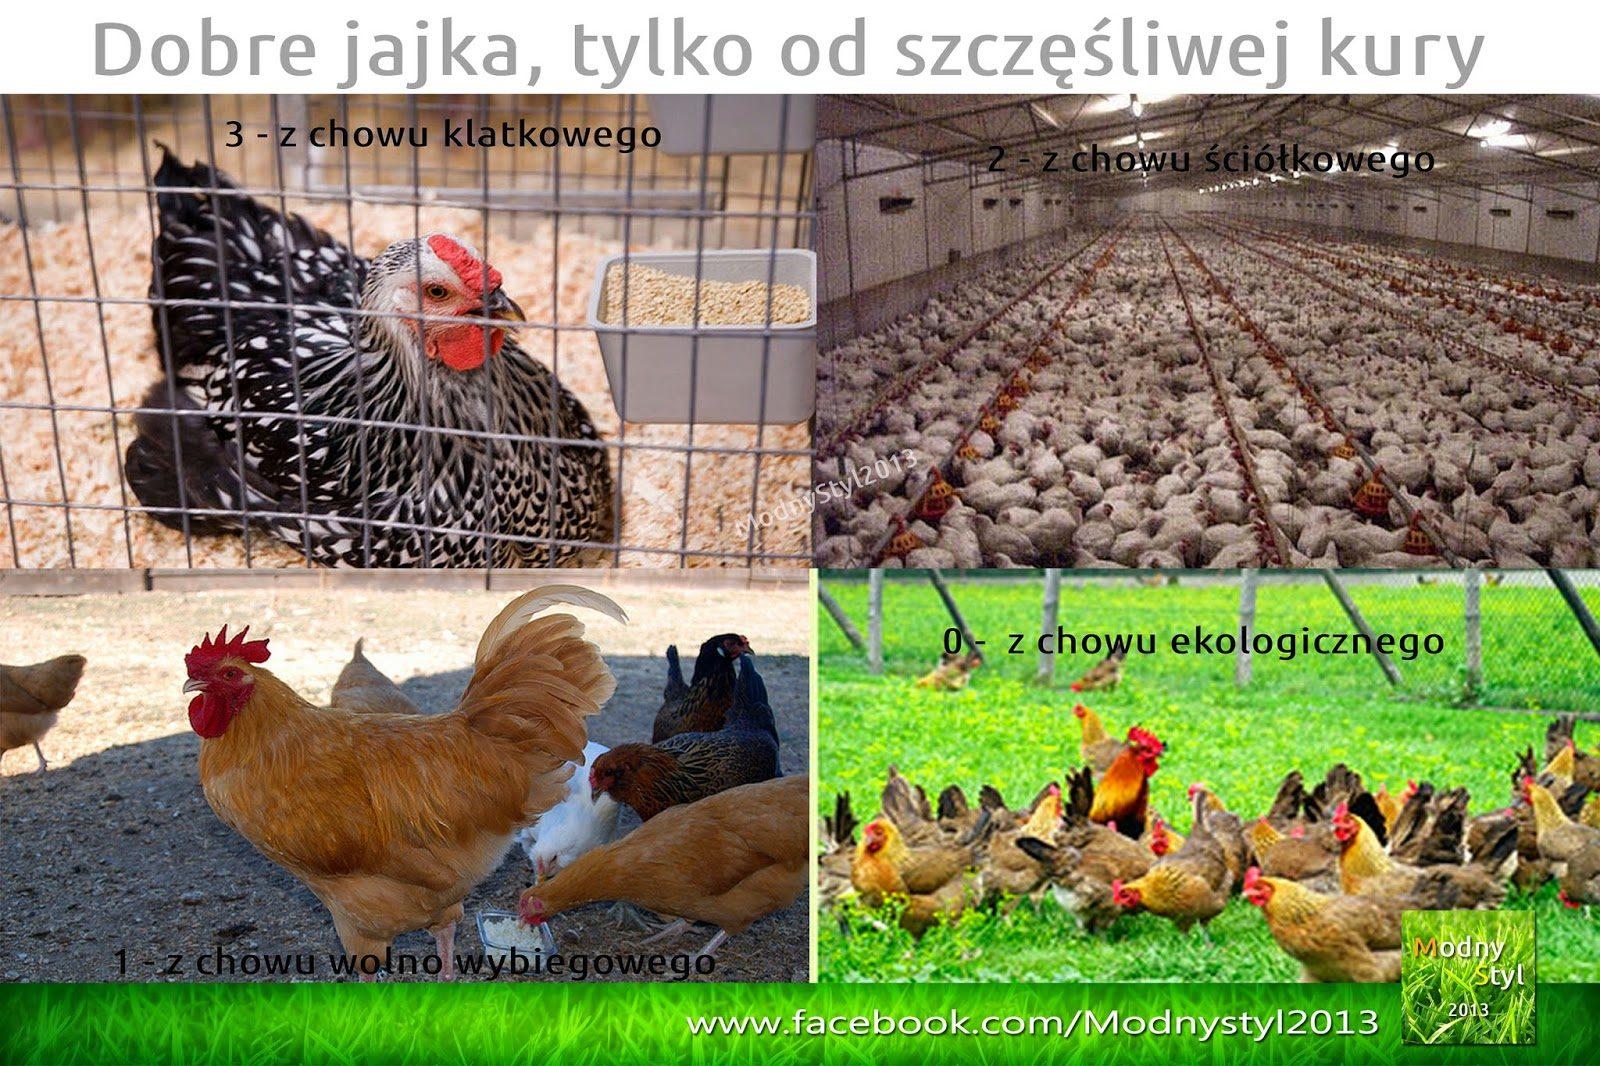 jaja-8838400